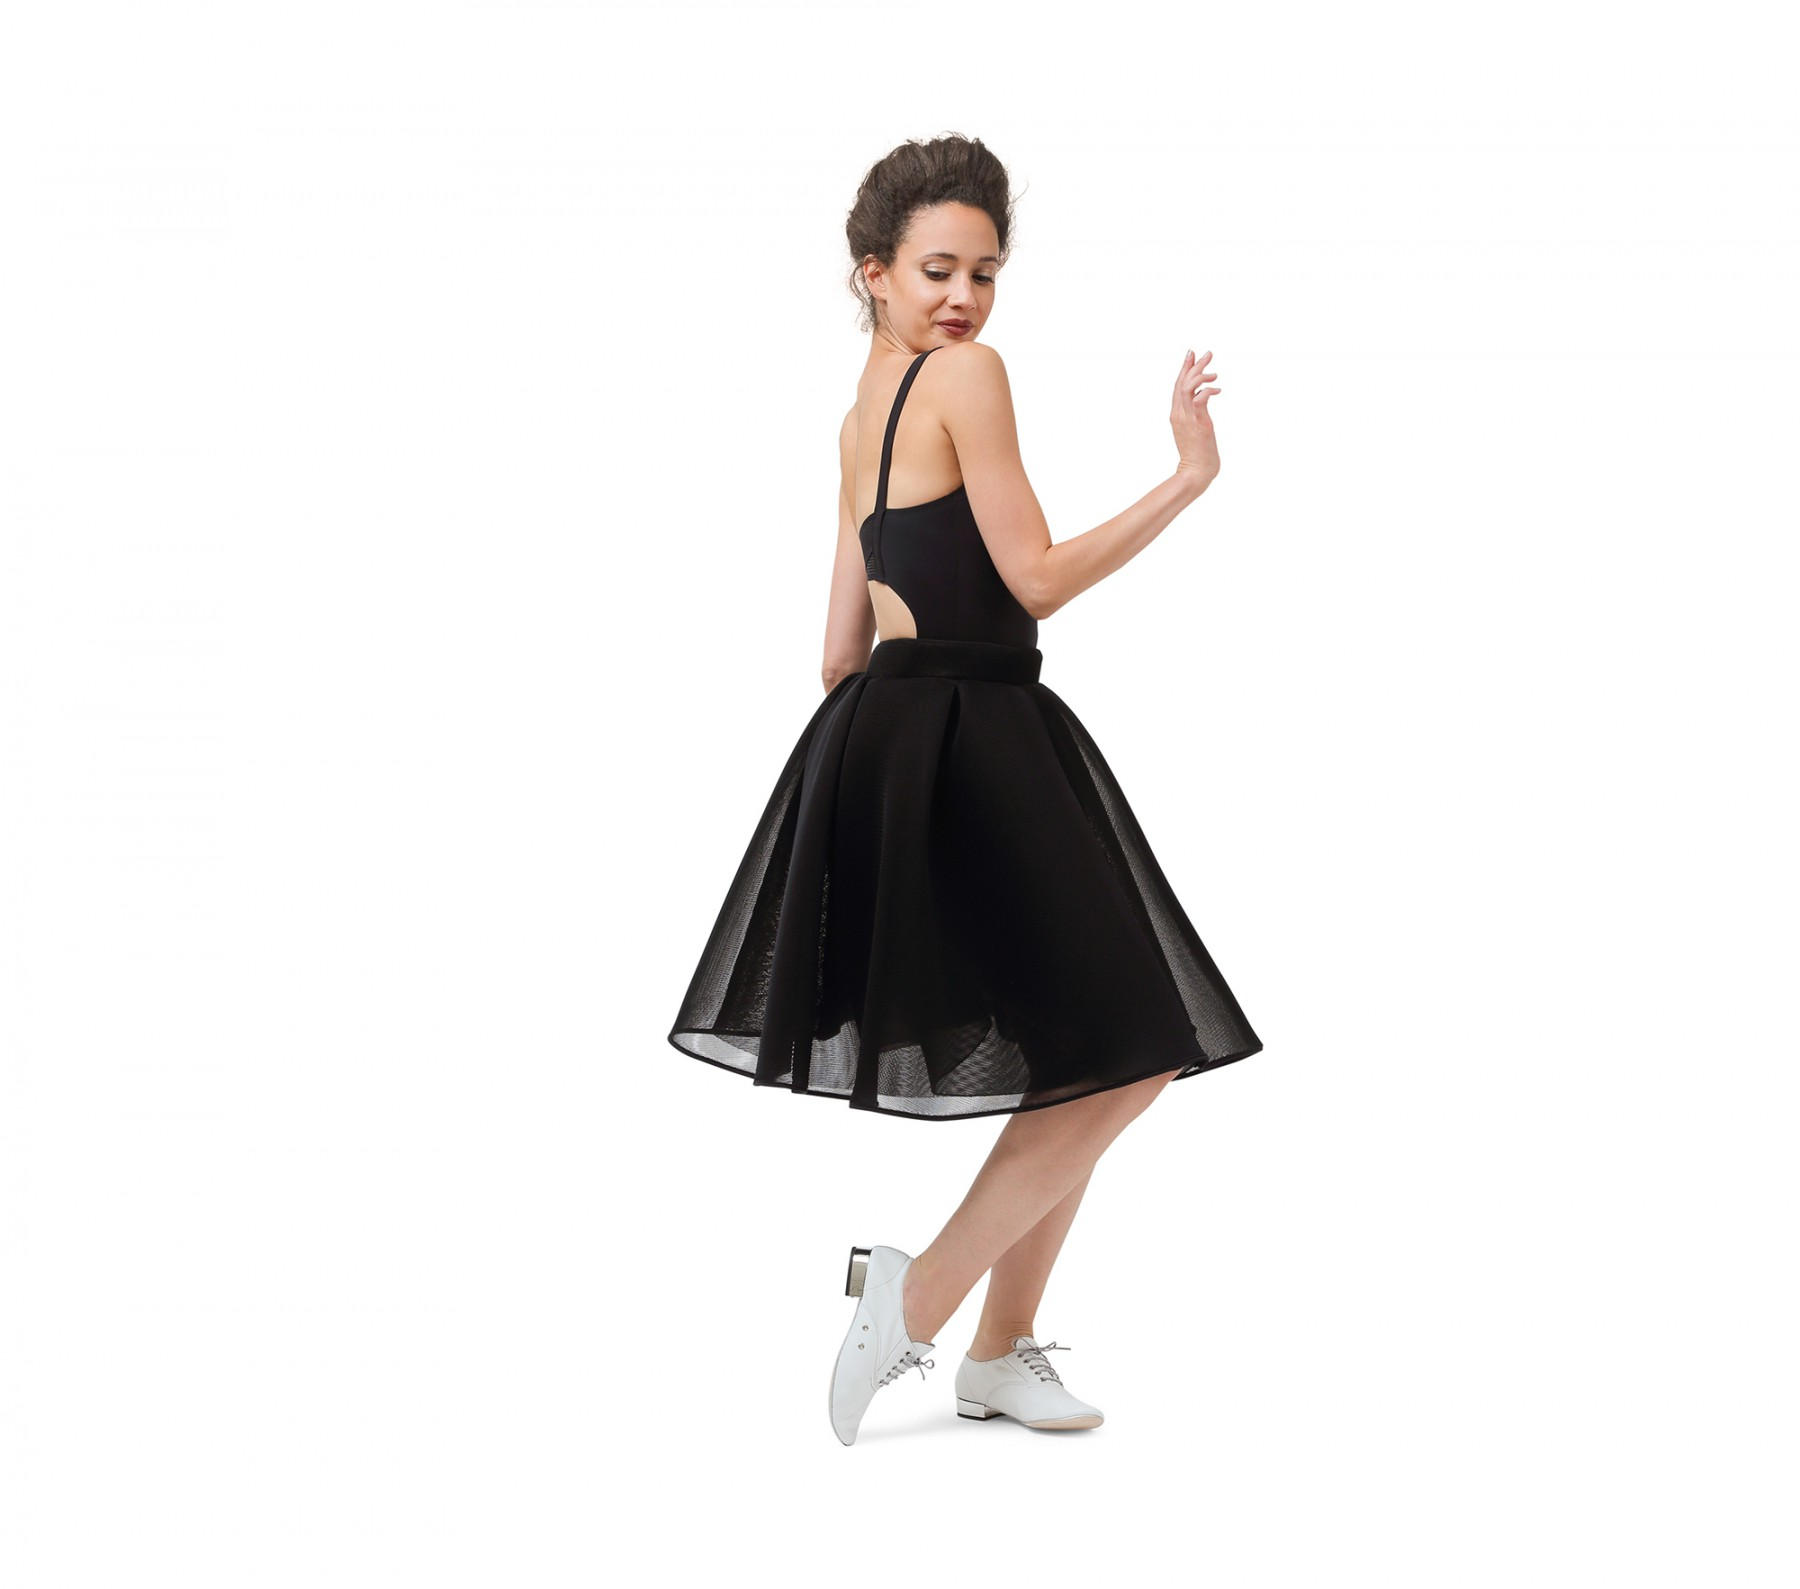 3D technical skirt